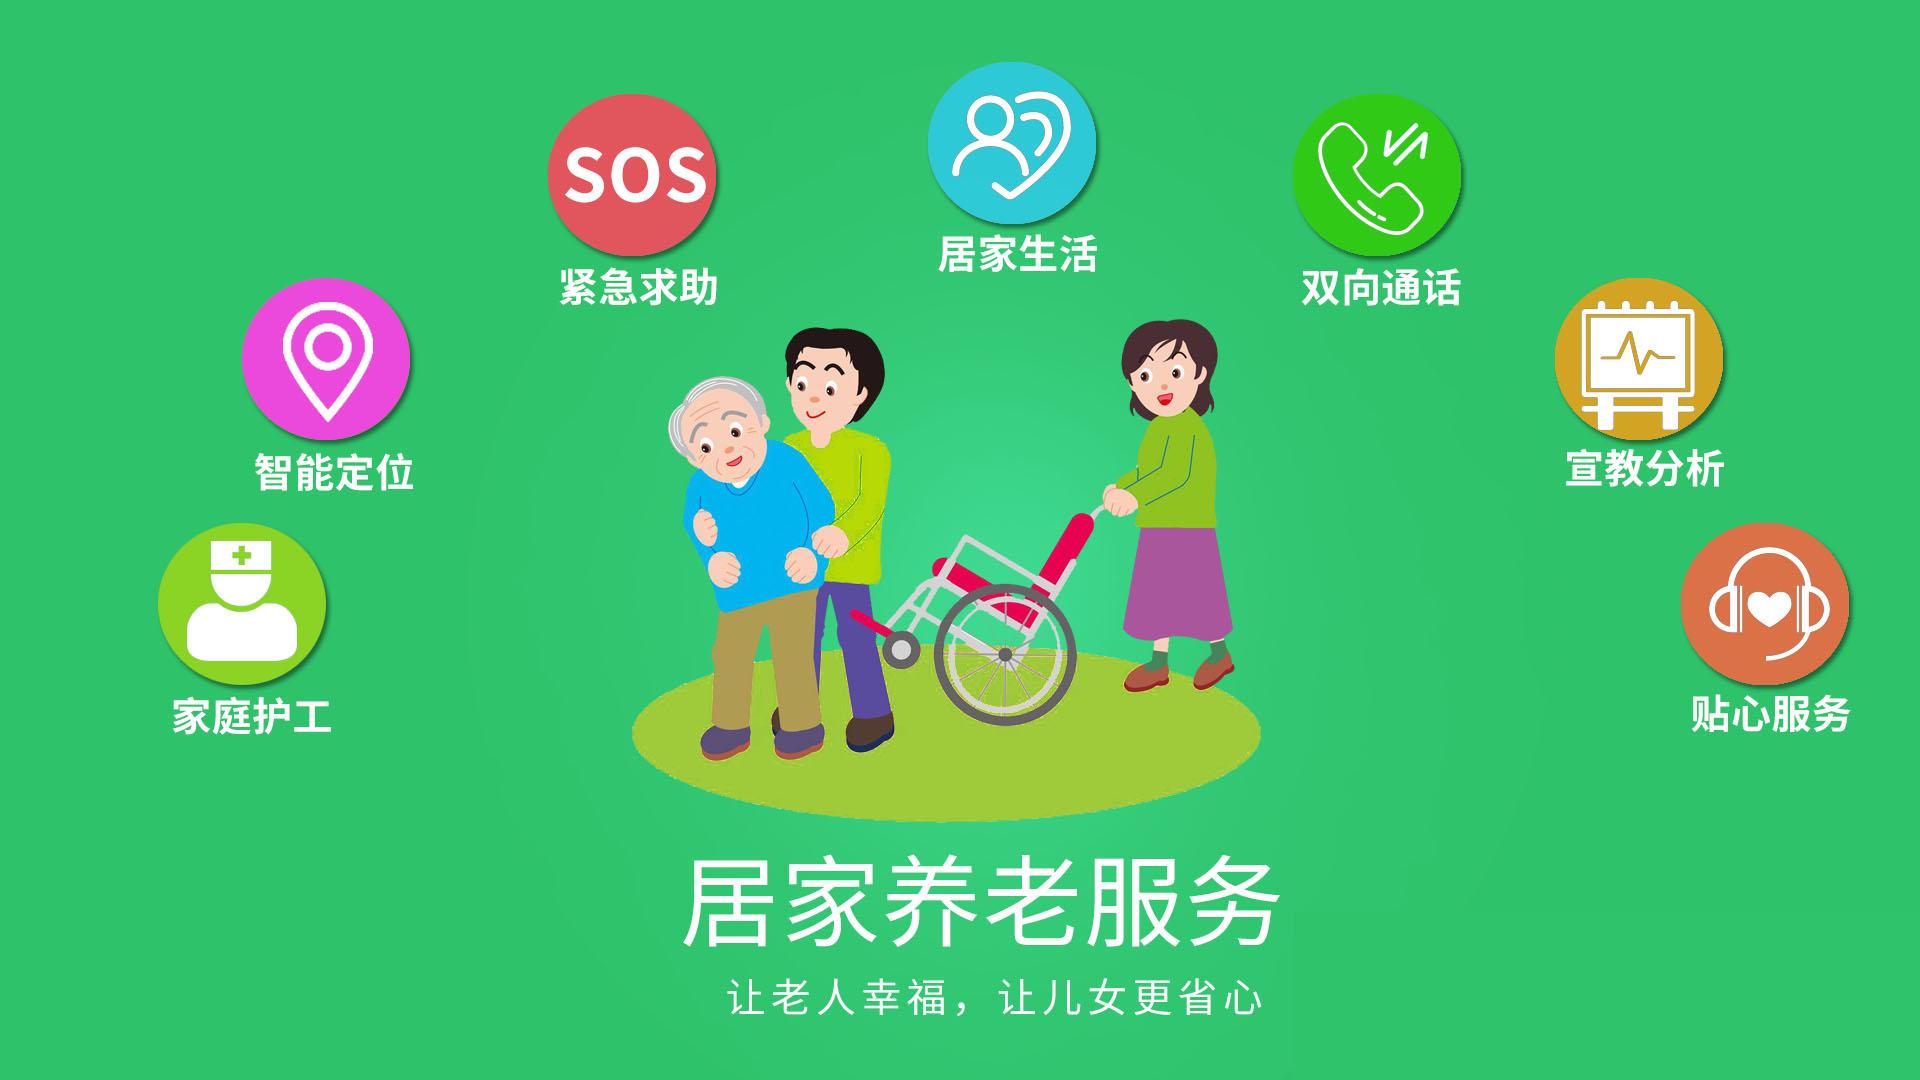 智慧养老产品要服务化、便民化、适老化!